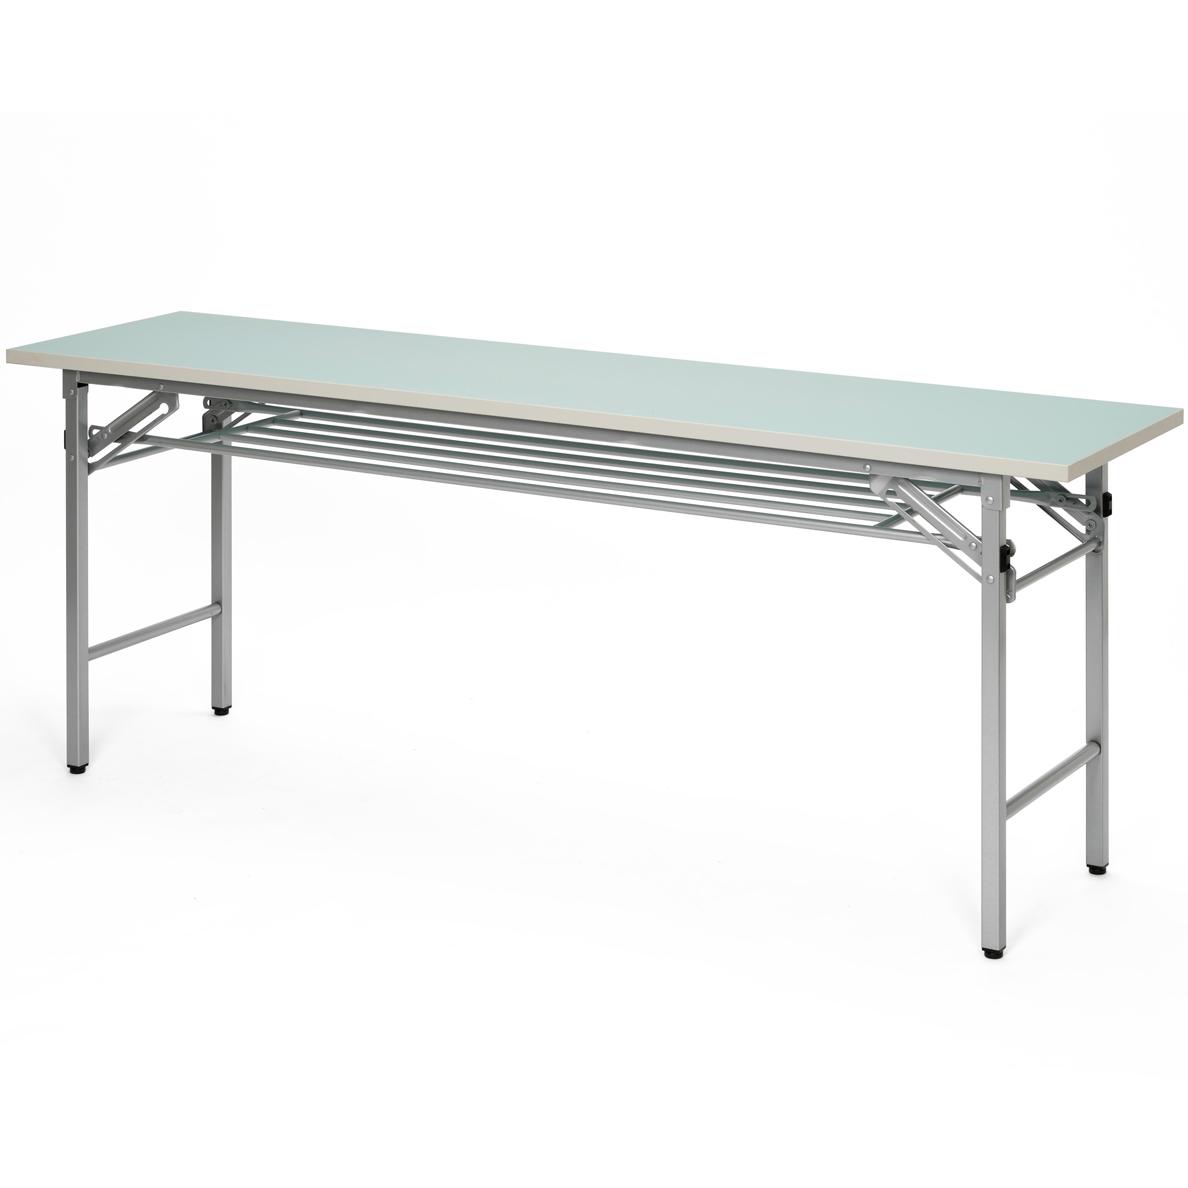 折りたたみ会議テーブル w1800xd450 スカイブルー sft-1845sbl